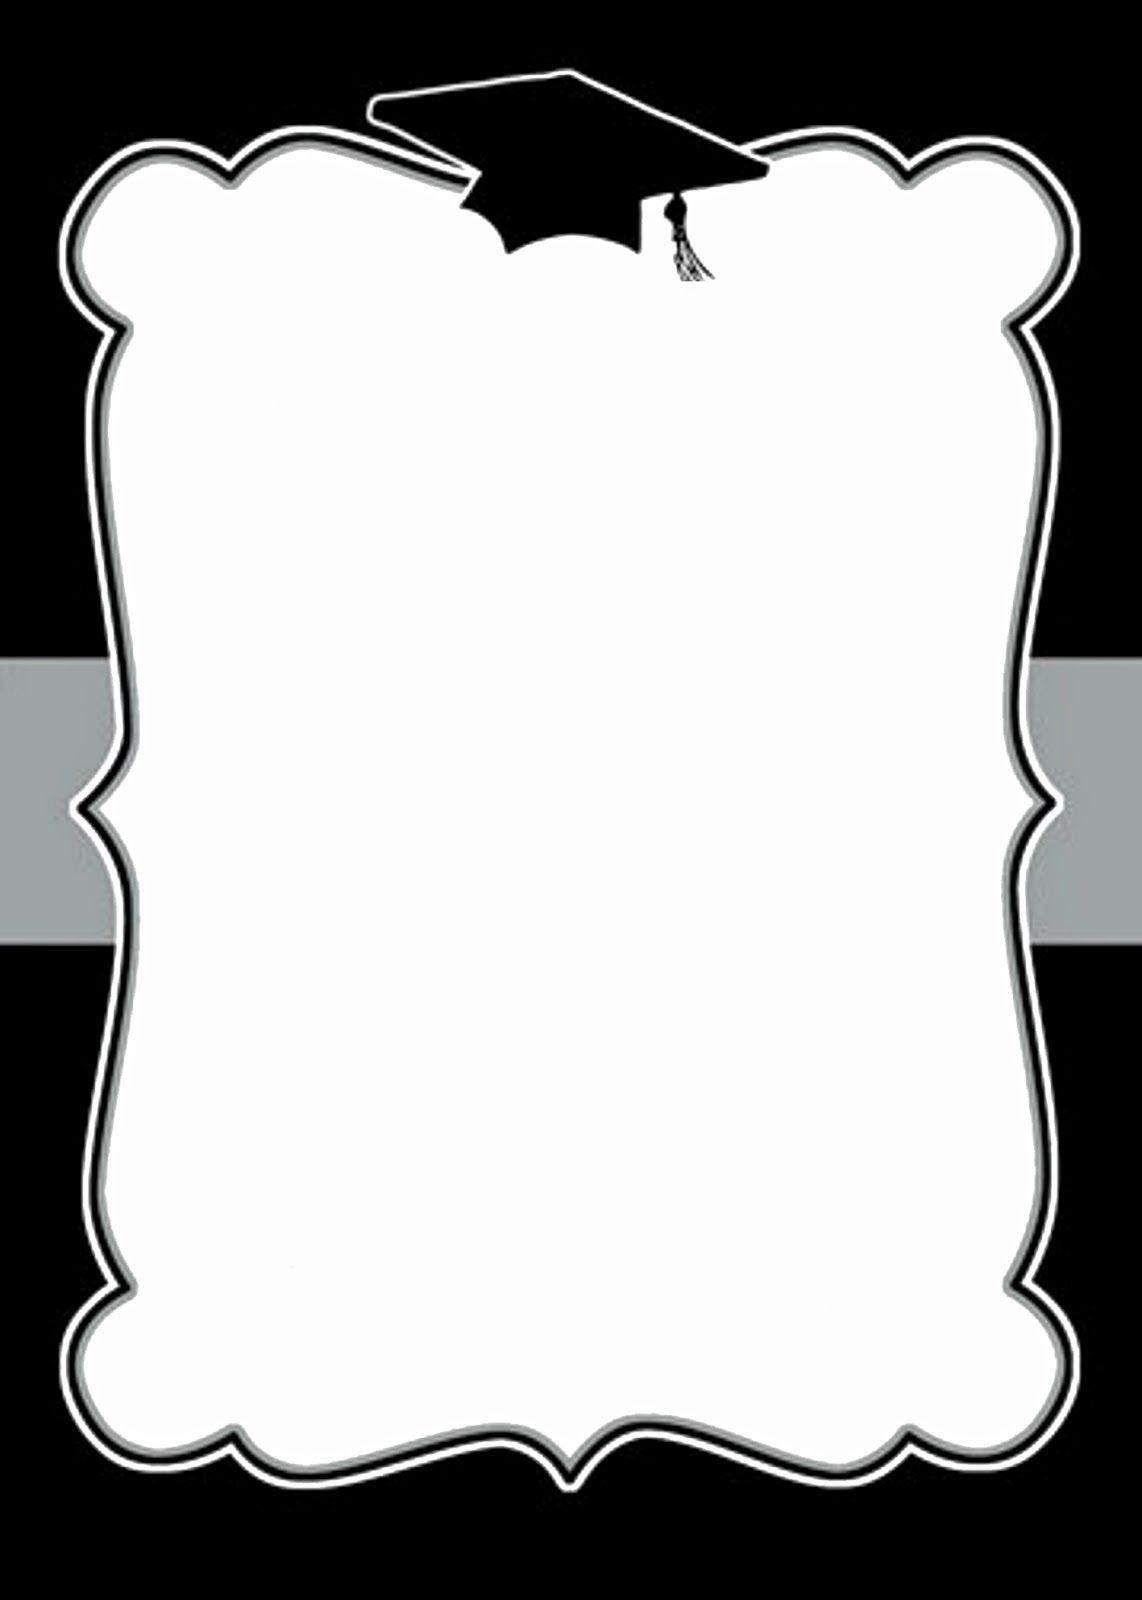 dibujos y plantillas para imprimir tarjetas de graduacion para imprimir 06